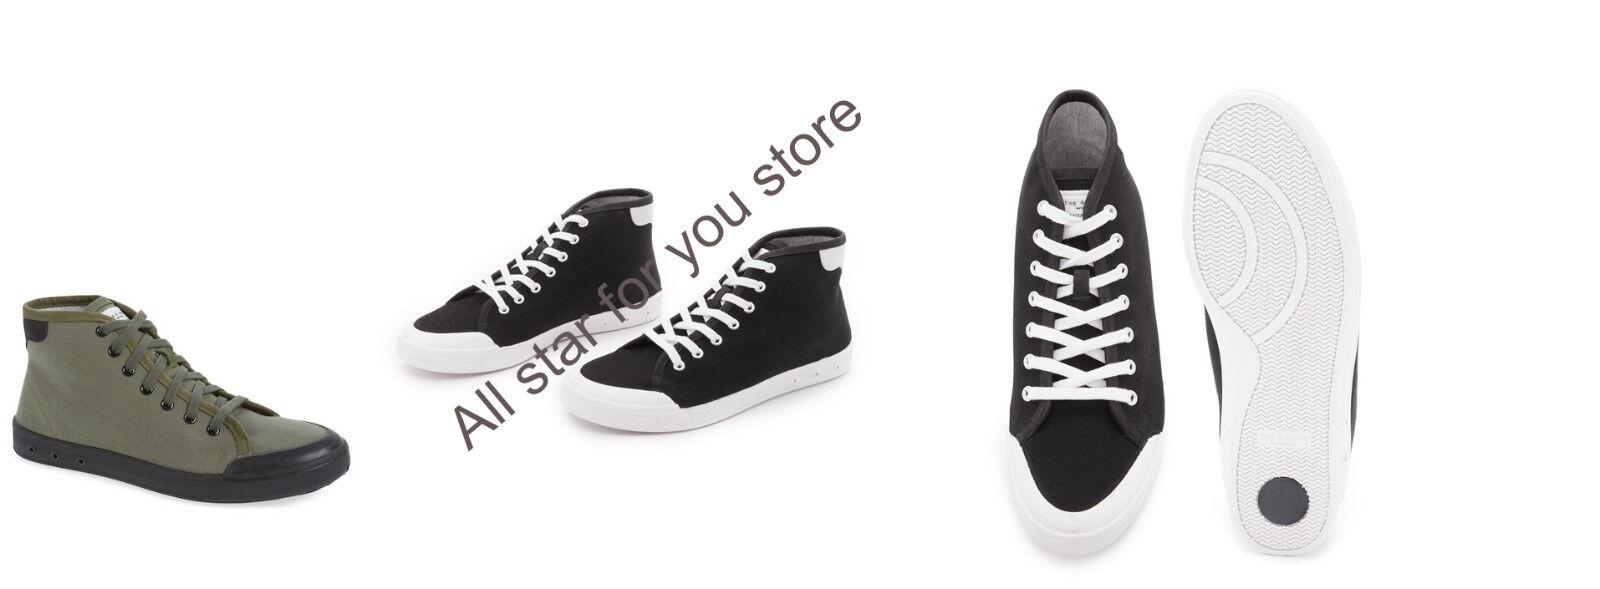 Rag & Bone Men's Sneaker Standard Issue High Top Sneaker Canvas Sneaker